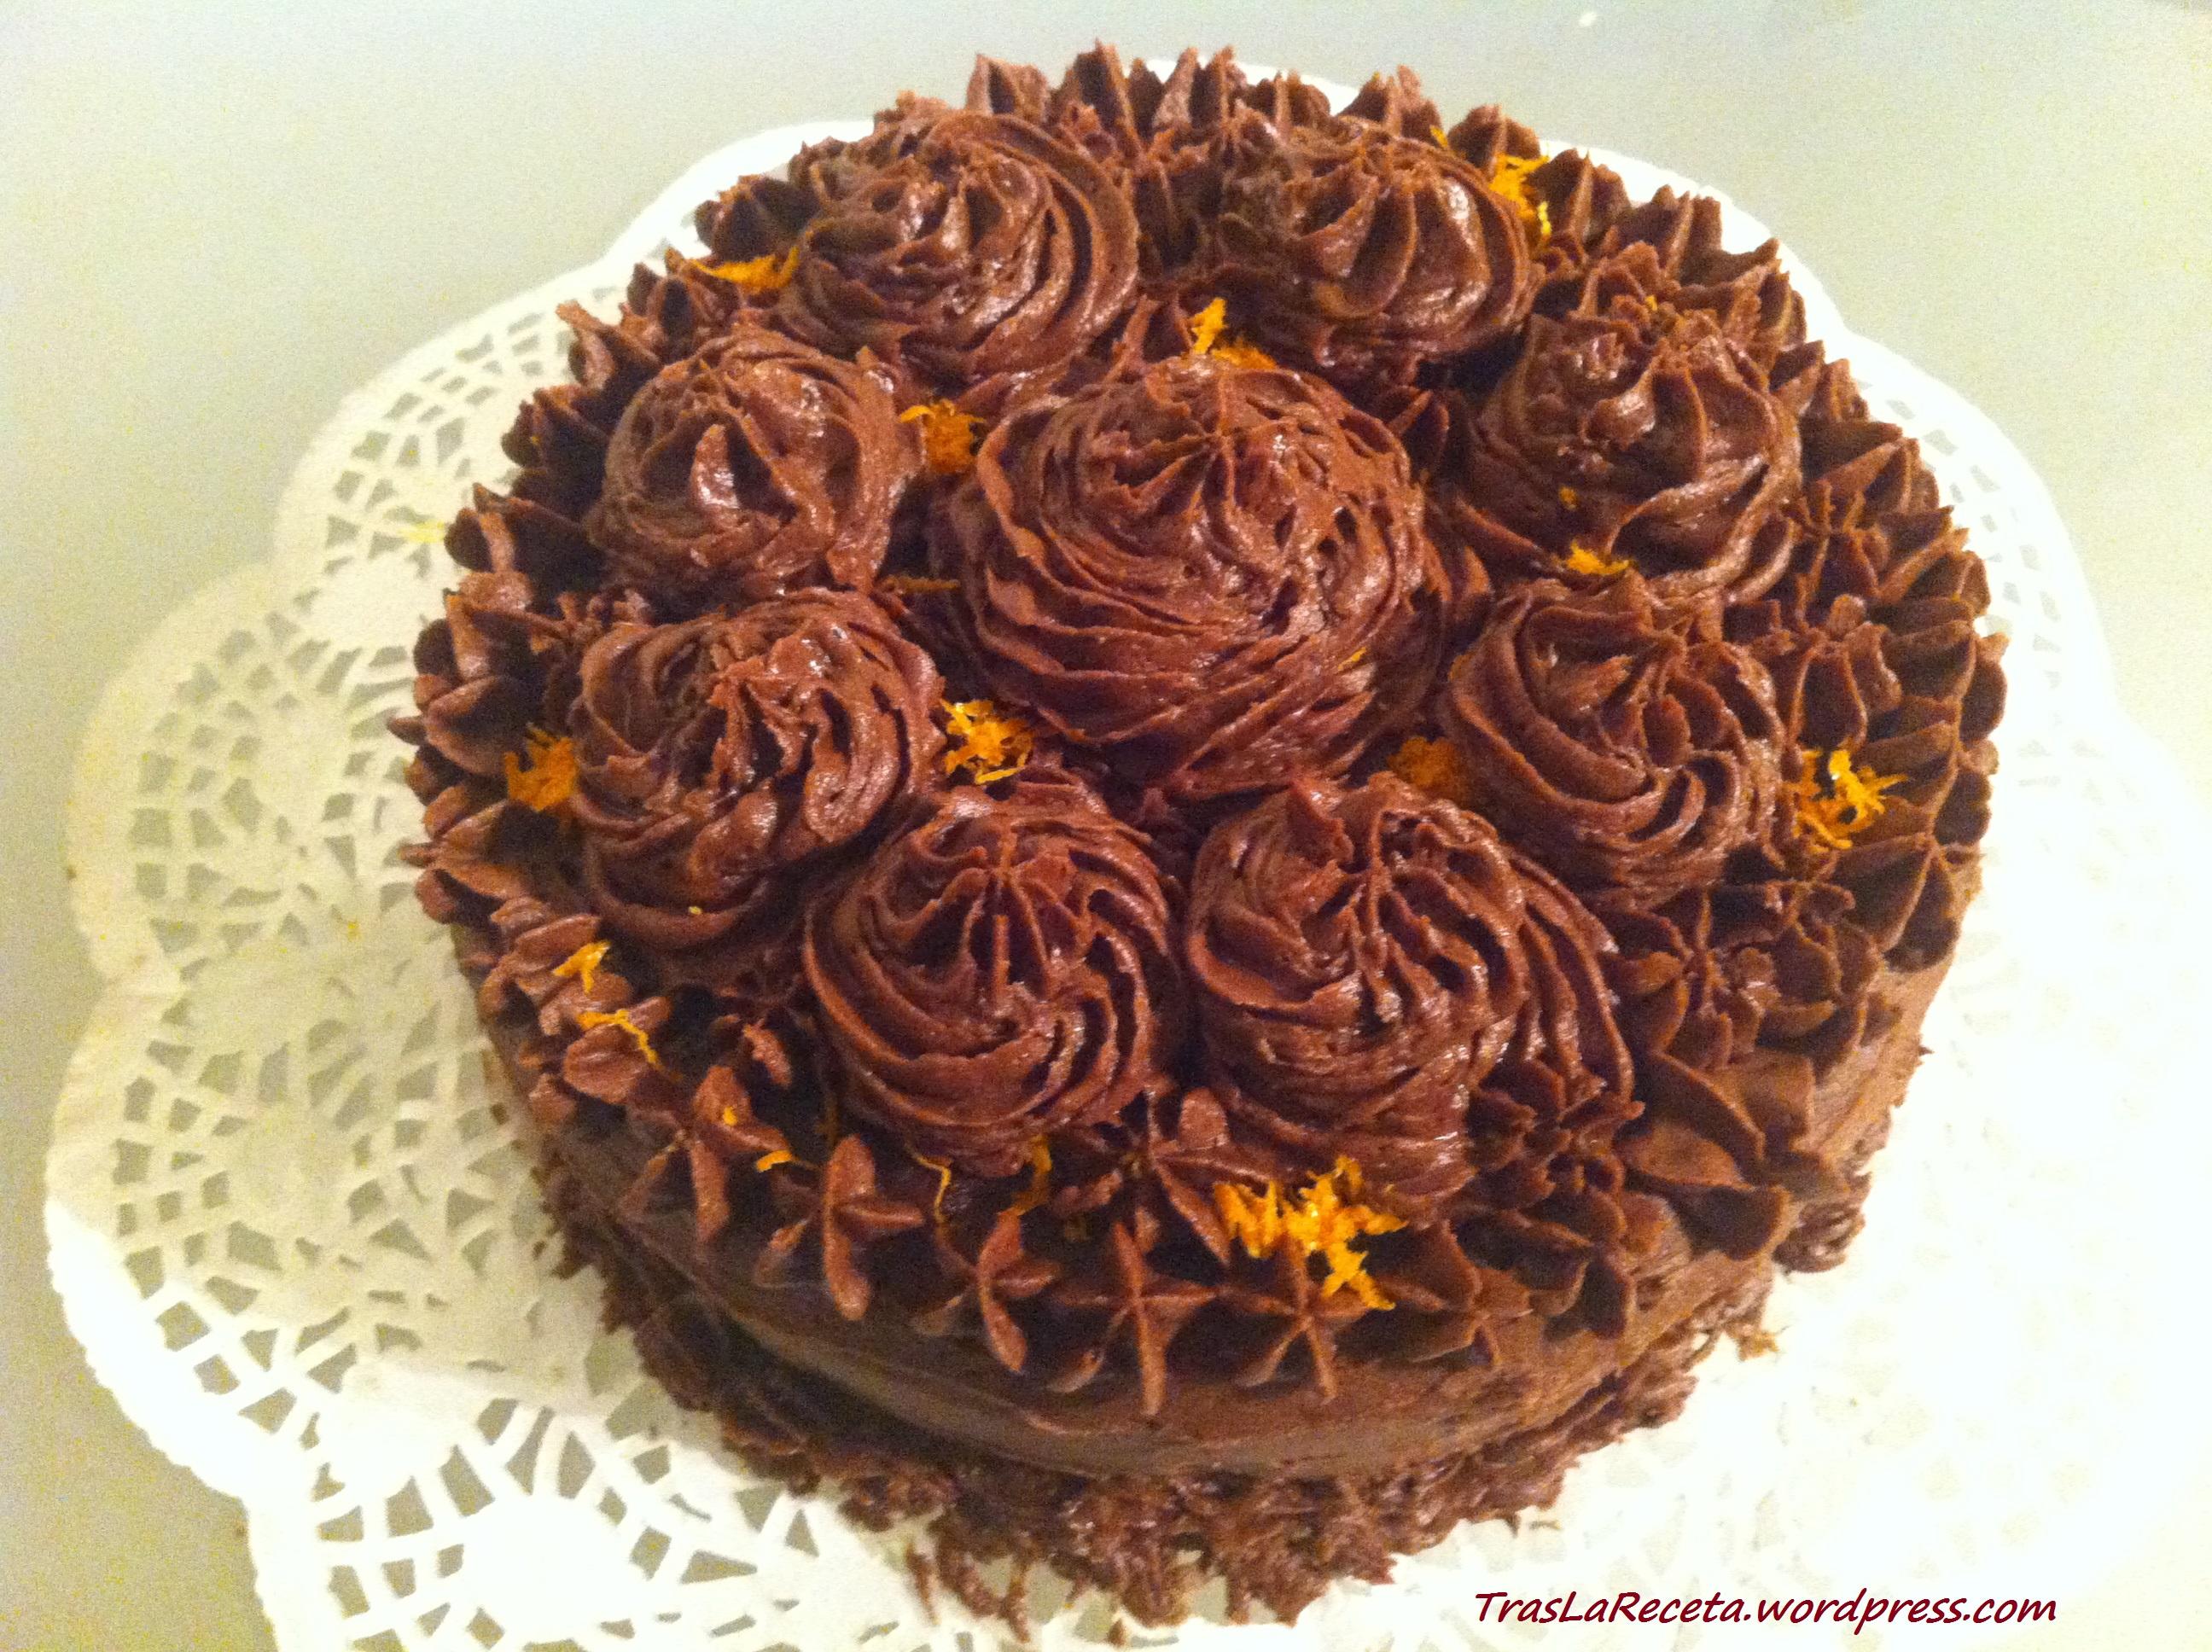 Baño De Chocolate Para Tartas | Crema De Mantequilla Cobertura Para Pasteles Tras La Receta